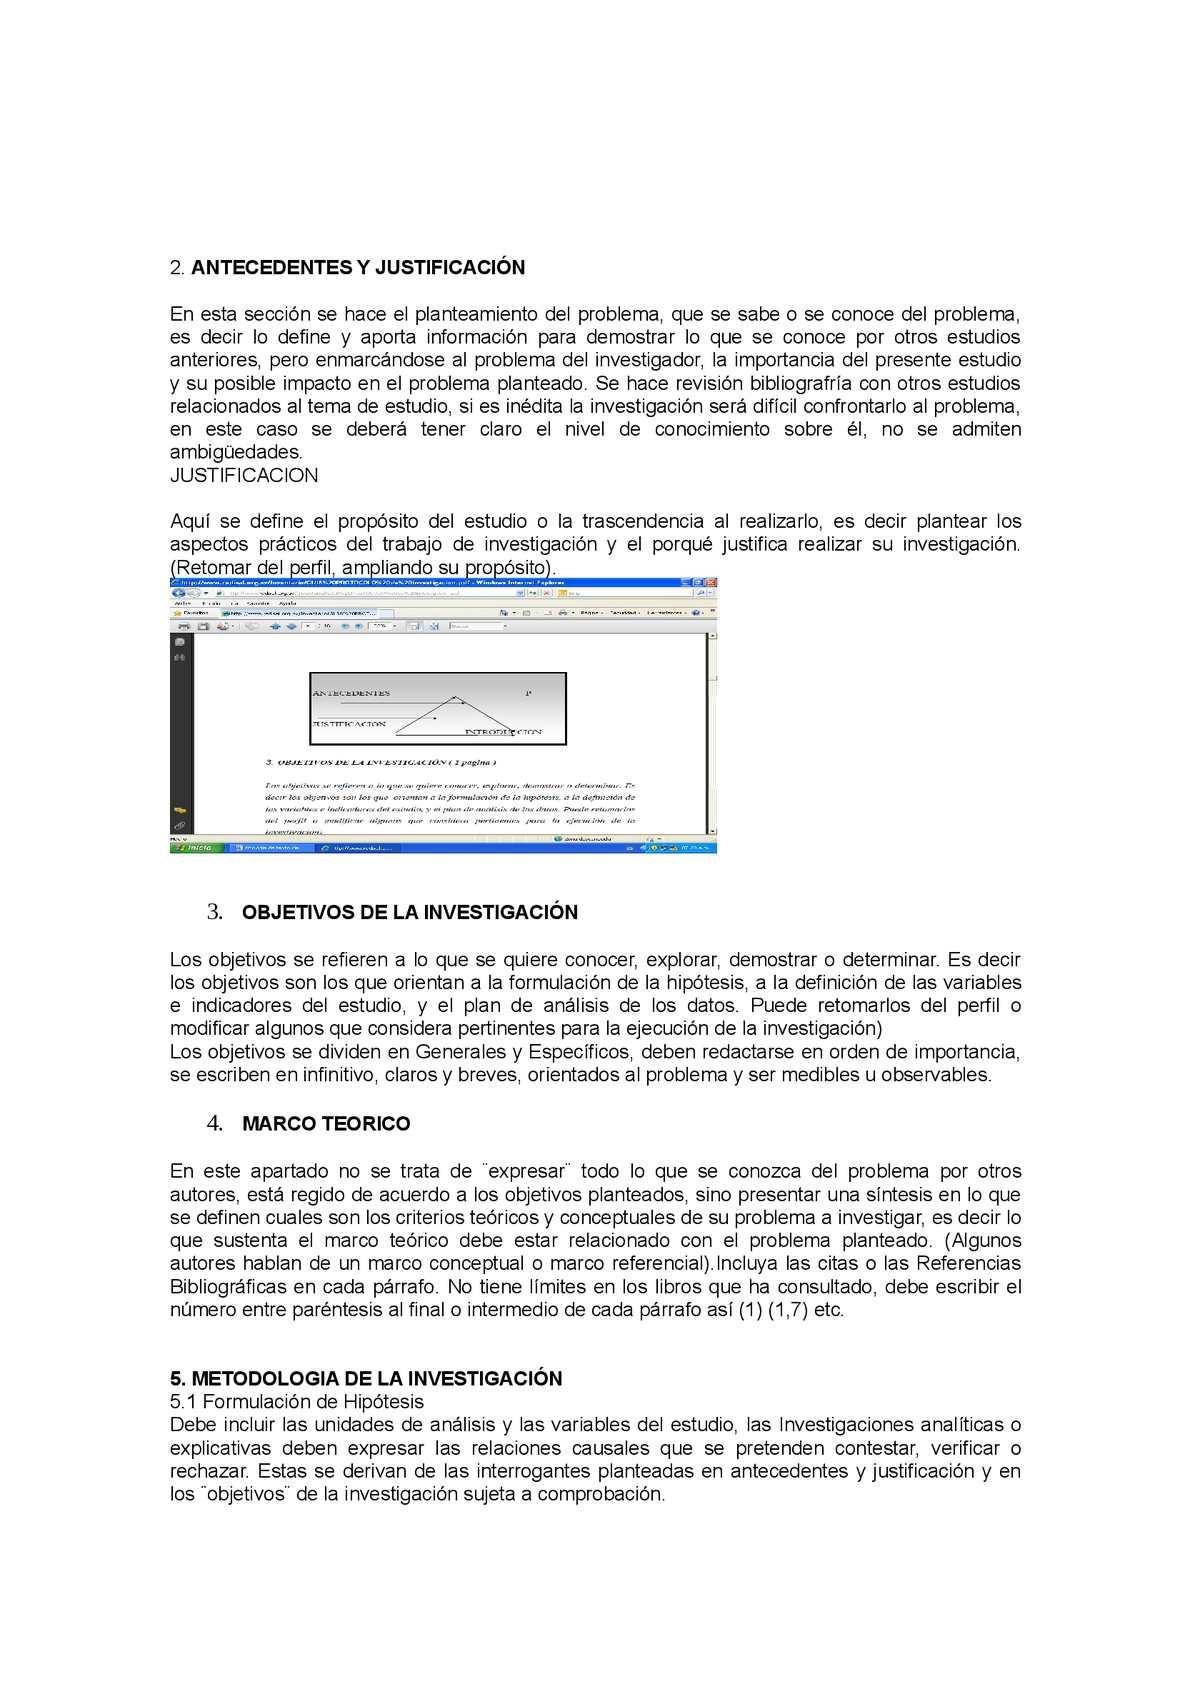 Tipología de textos Académicos - CALAMEO Downloader